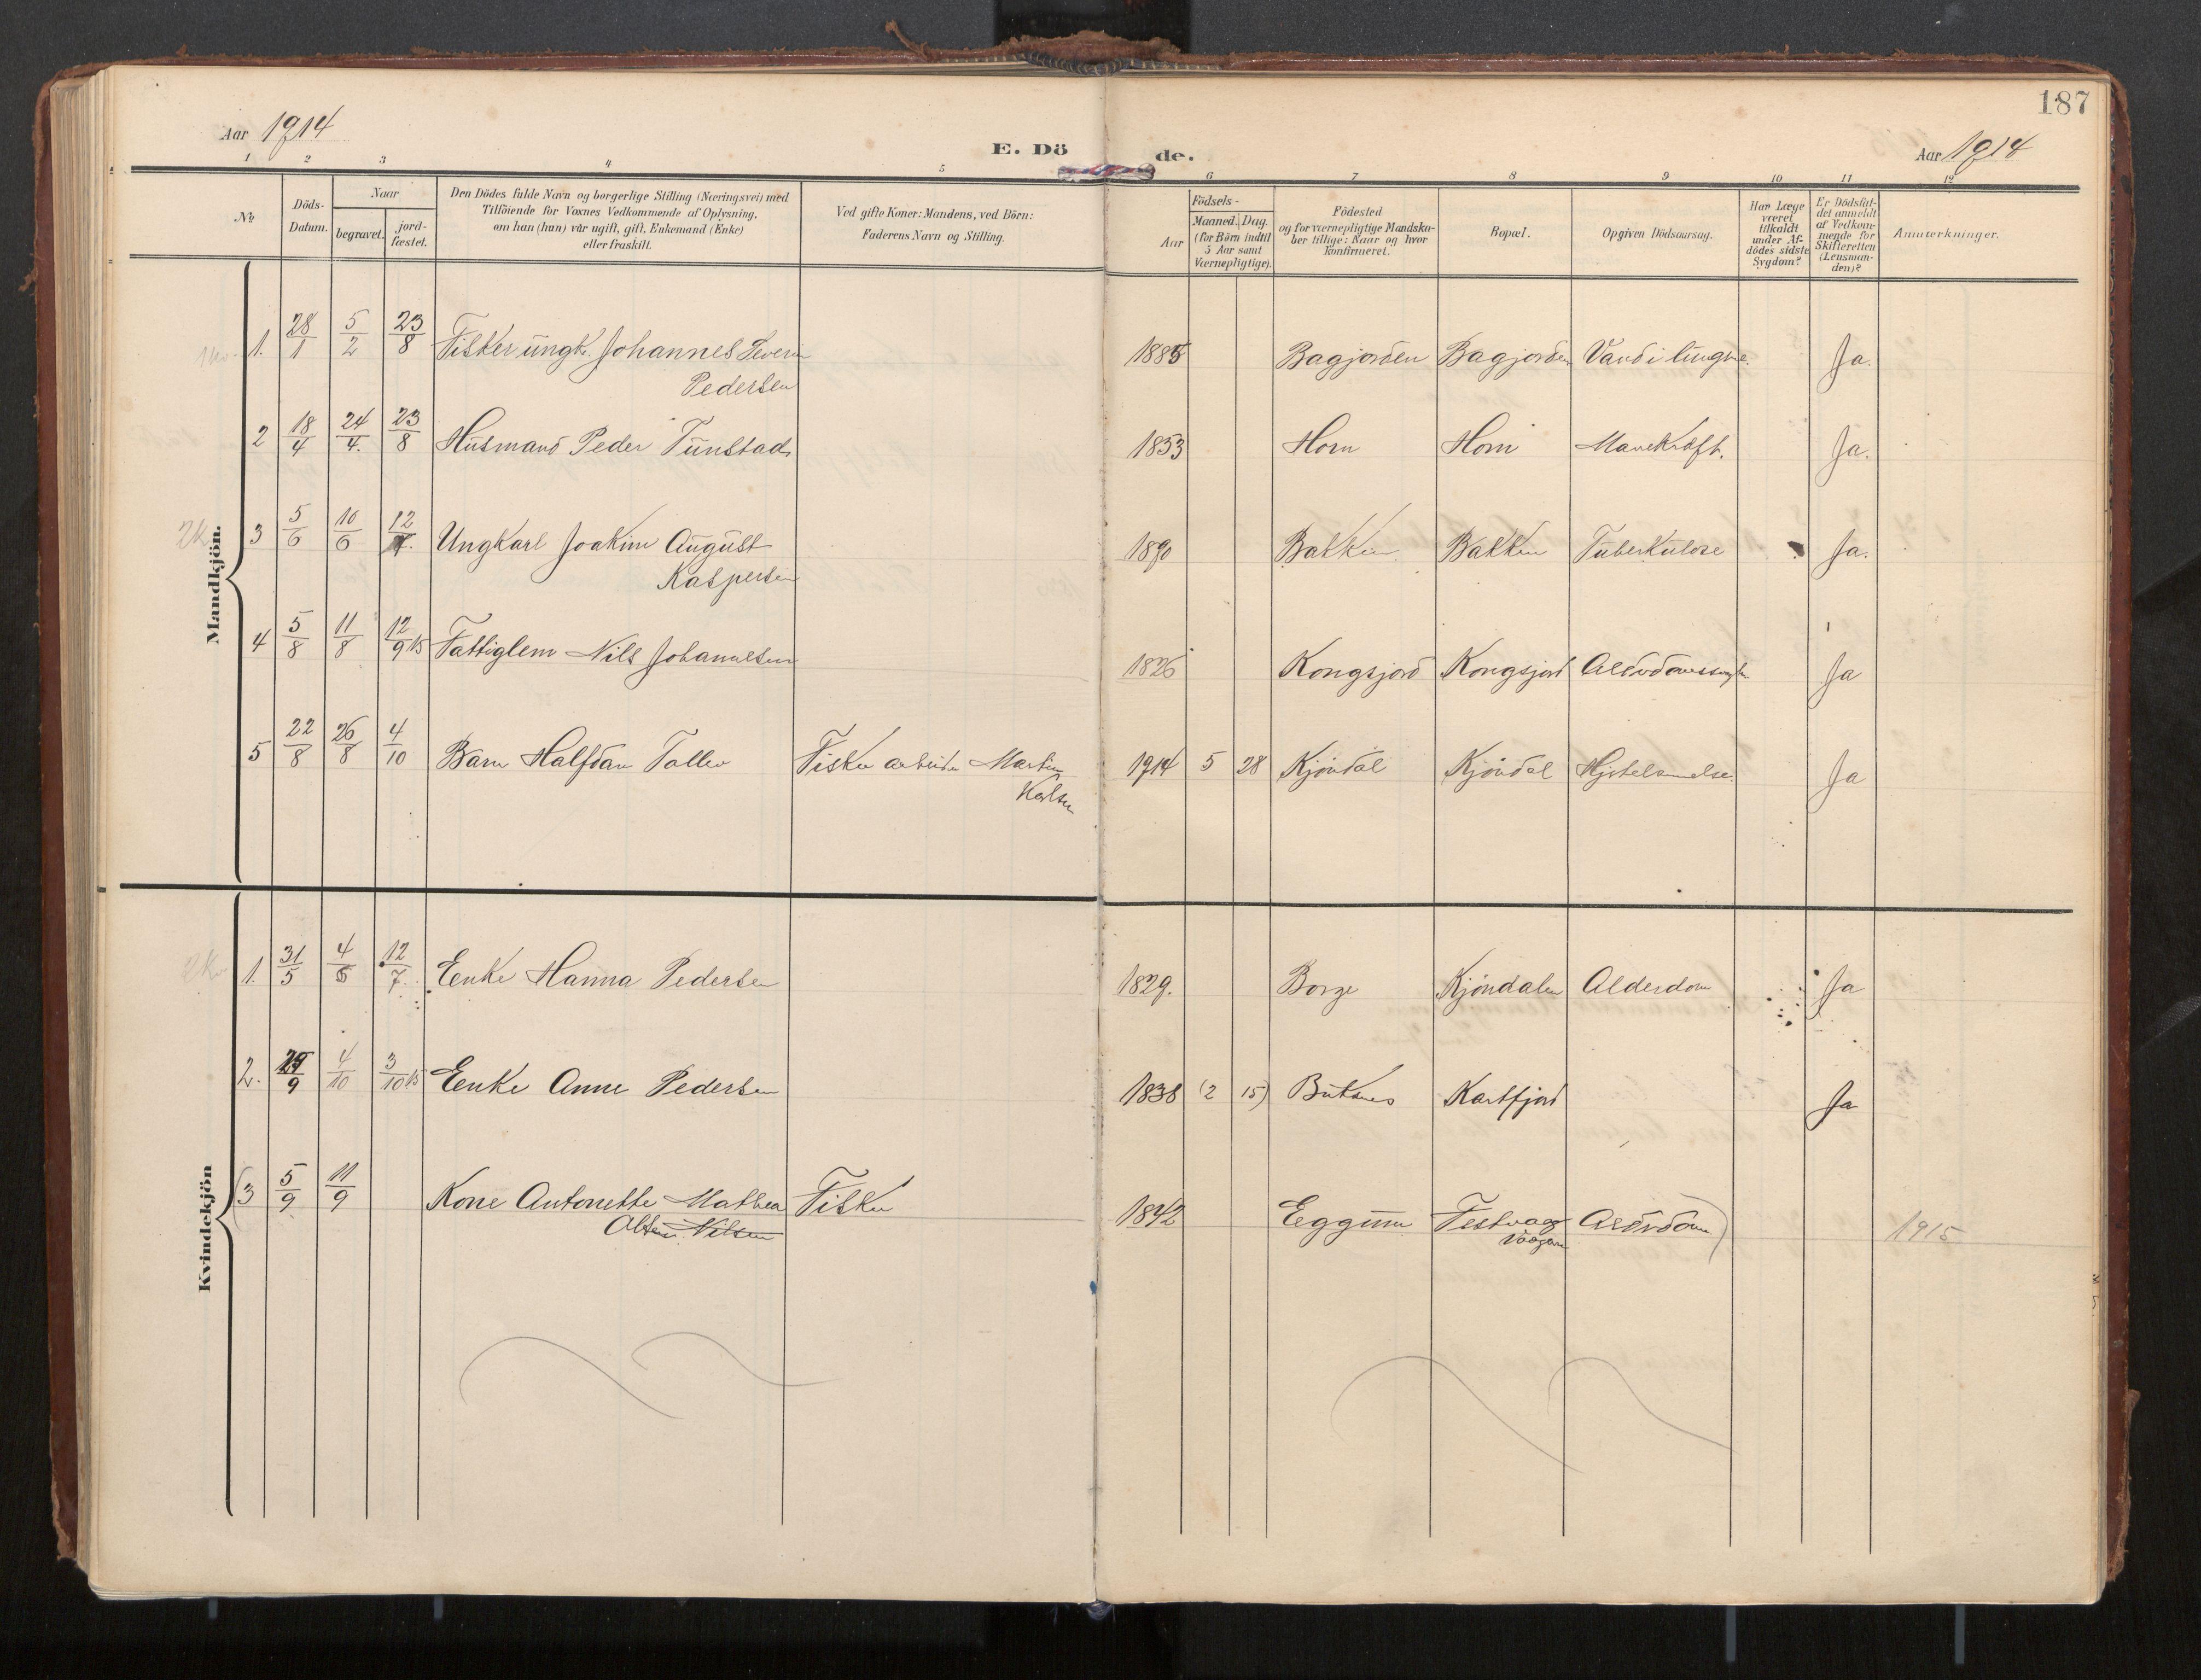 SAT, Ministerialprotokoller, klokkerbøker og fødselsregistre - Nordland, 884/L1194: Parish register (official) no. 884A02, 1906-1937, p. 188